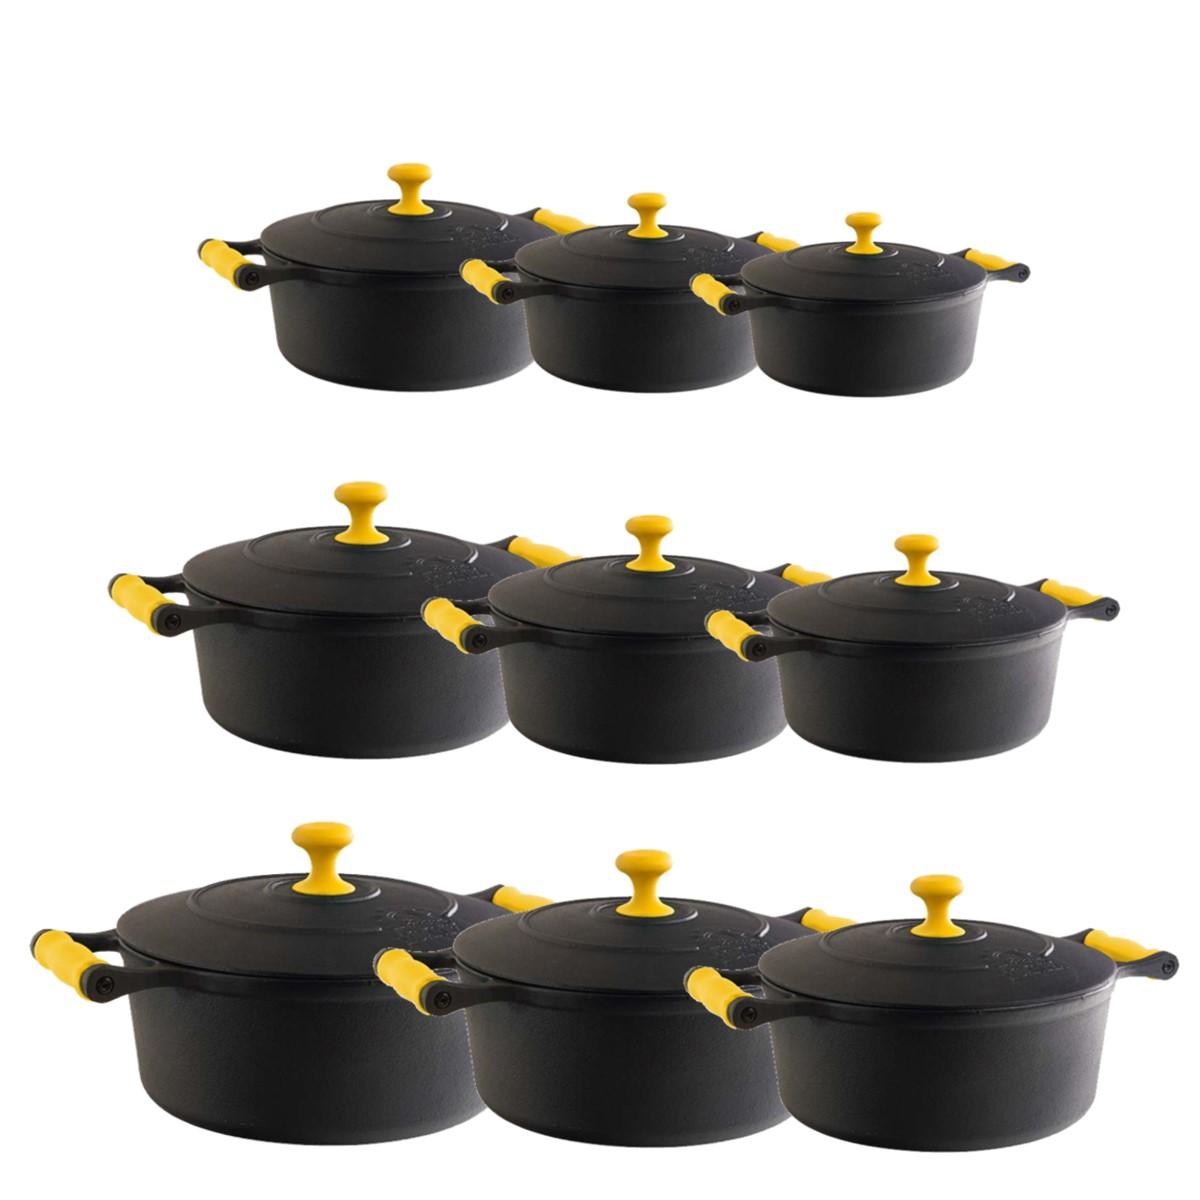 Jogo Caçarola com Alça de silicone Amarelo 16 ao 32cm  - Panela de Ferro Fundido